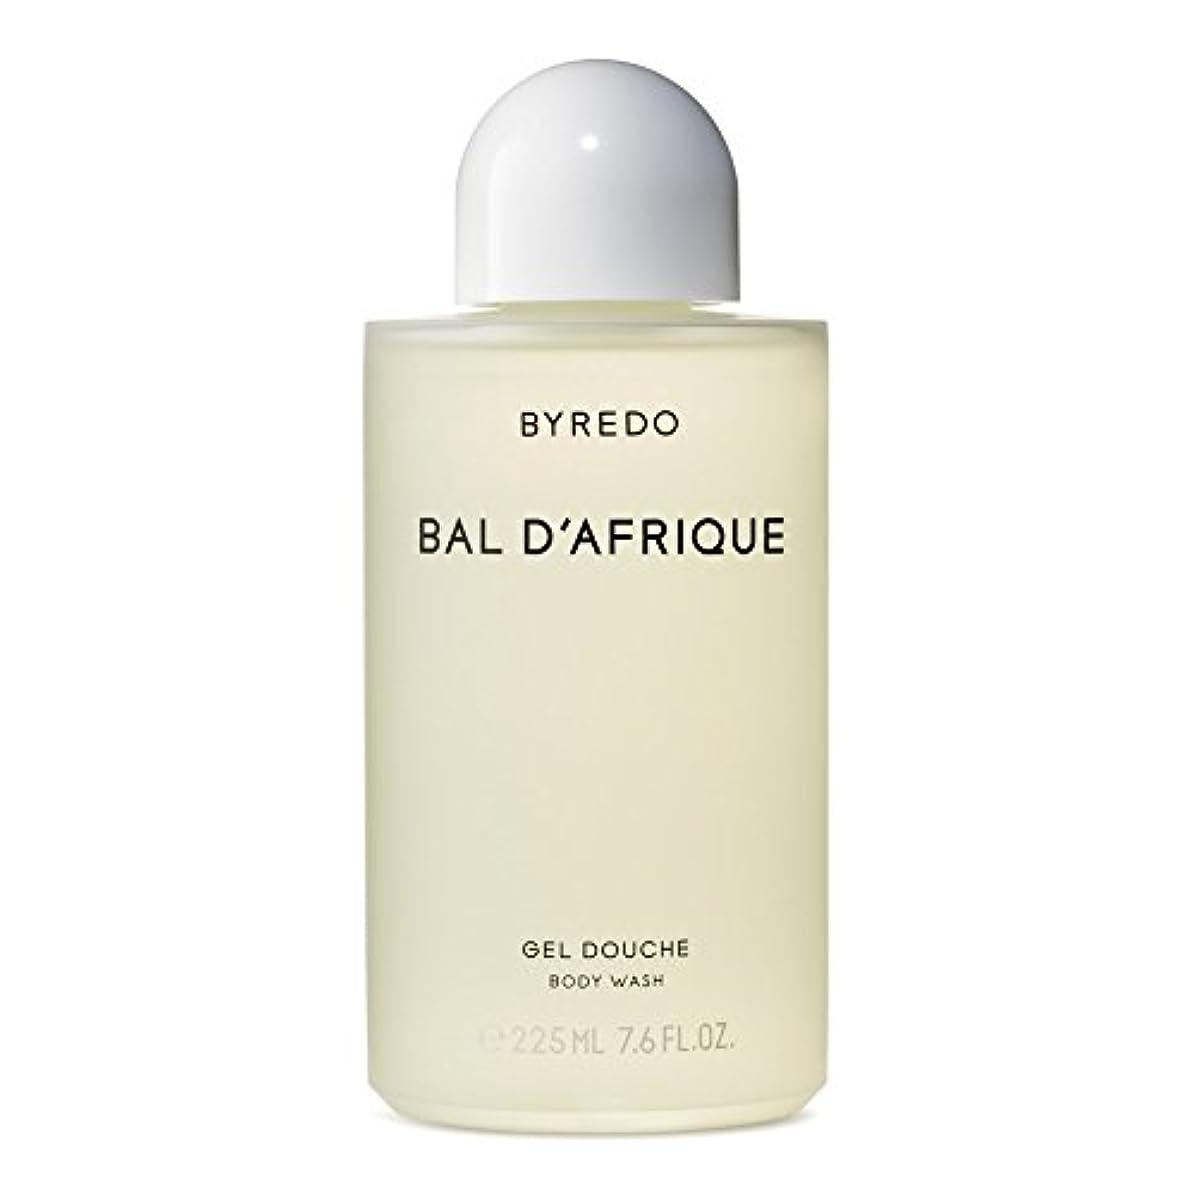 熱帯のアジア人狂うByredo Bal d'Afrique Body Wash 225ml (Pack of 6) - 'のボディウォッシュ225ミリリットル x6 [並行輸入品]